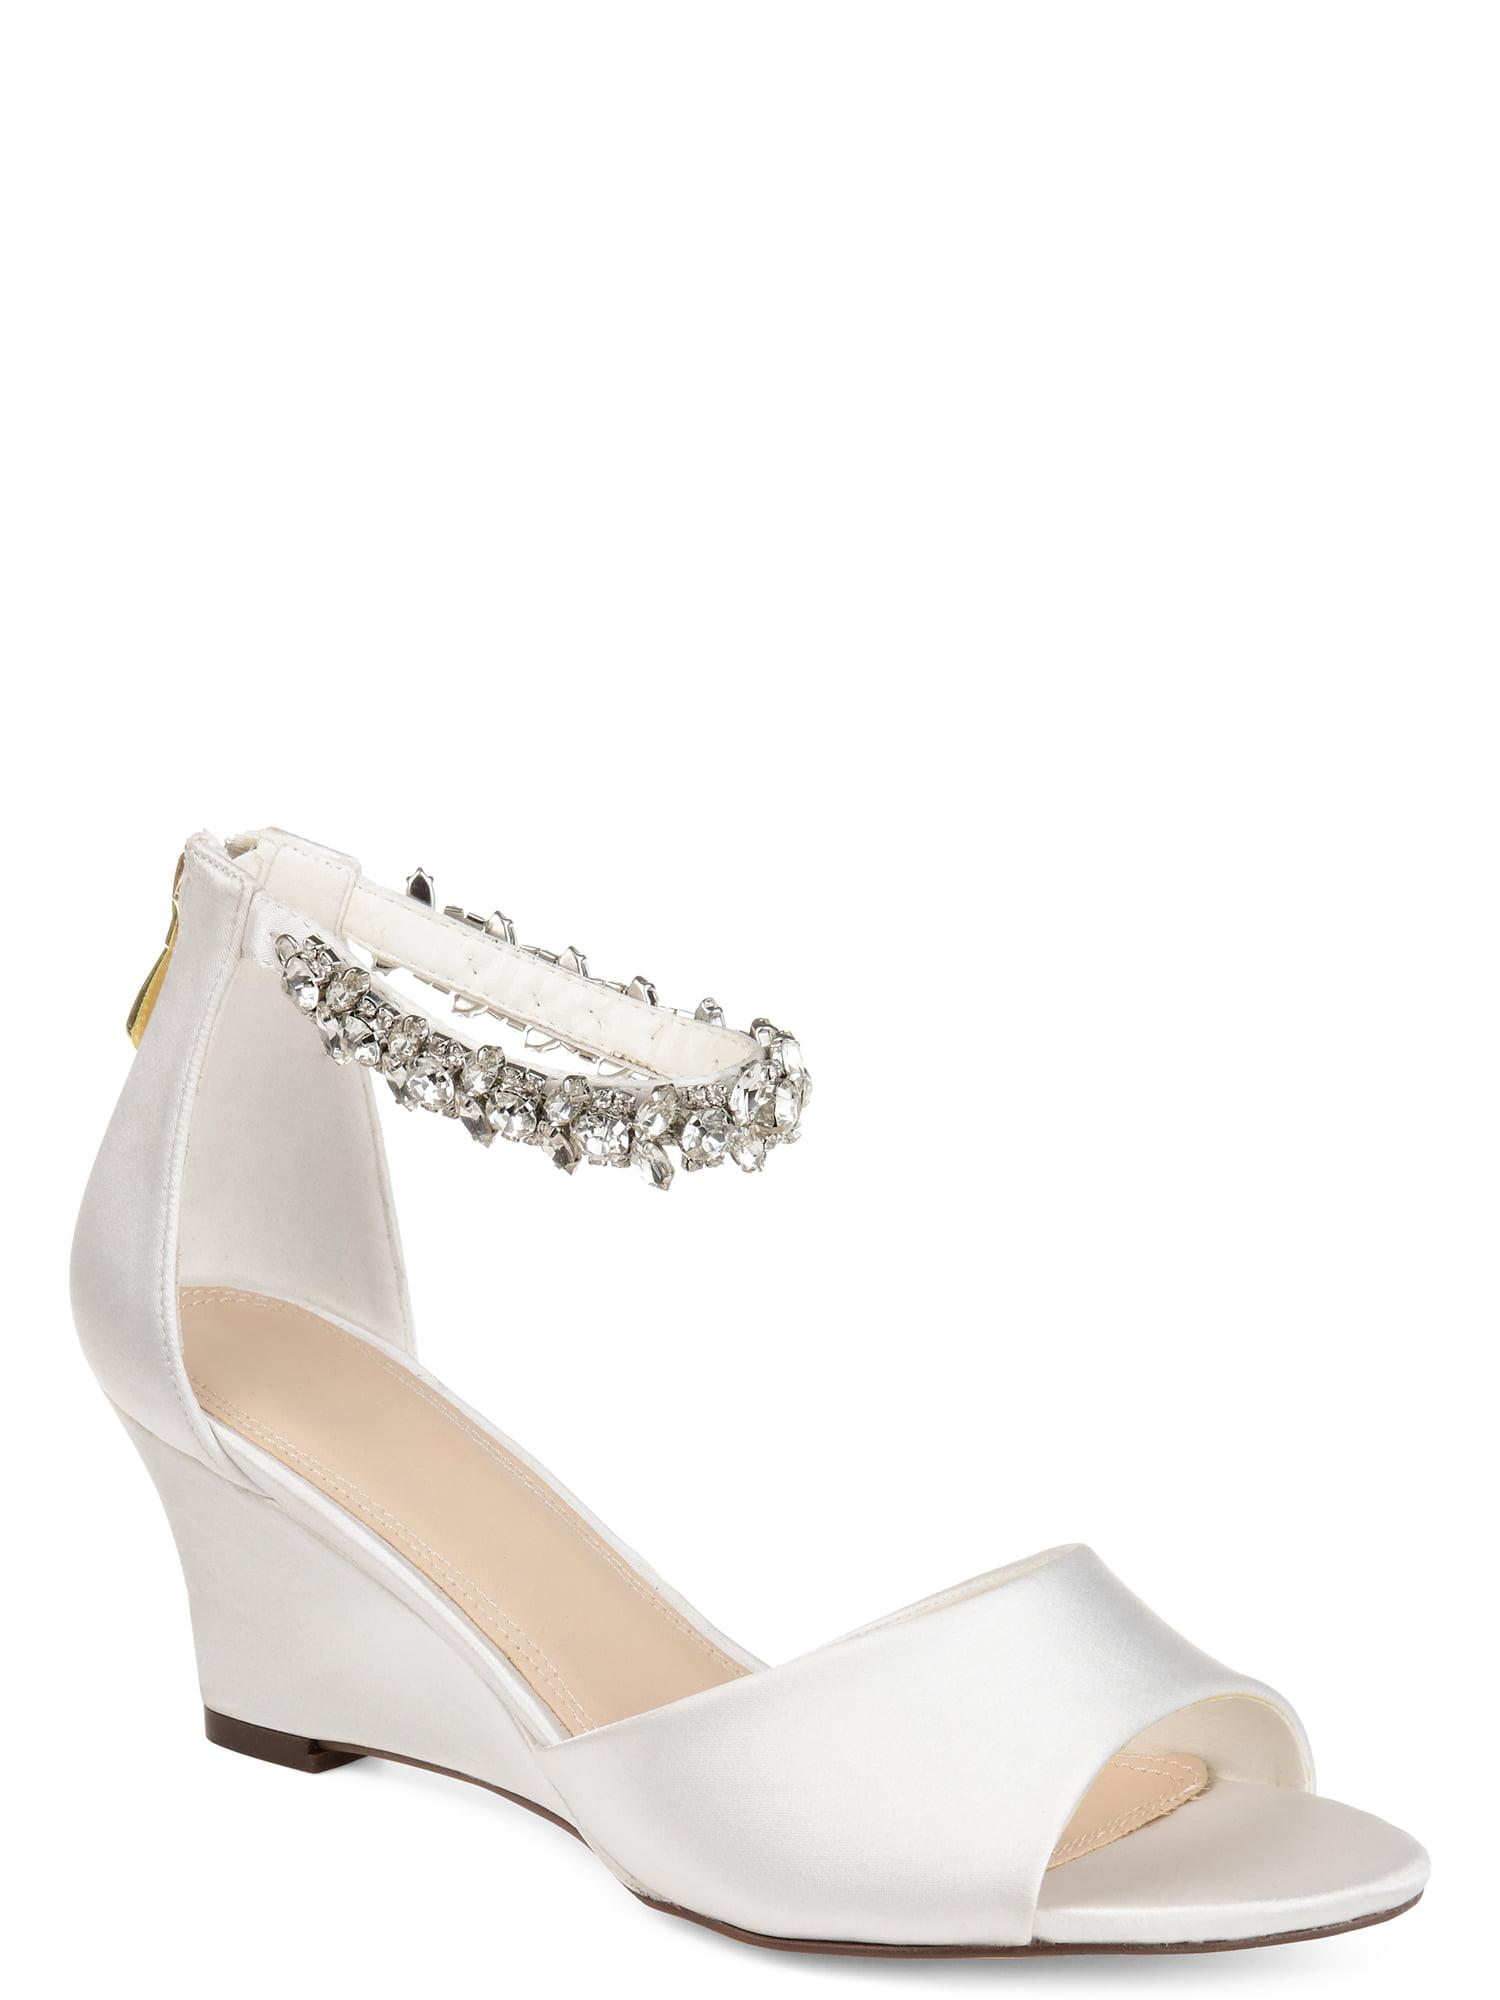 Womens Jeweled Open-toe Wedge Brinley Co